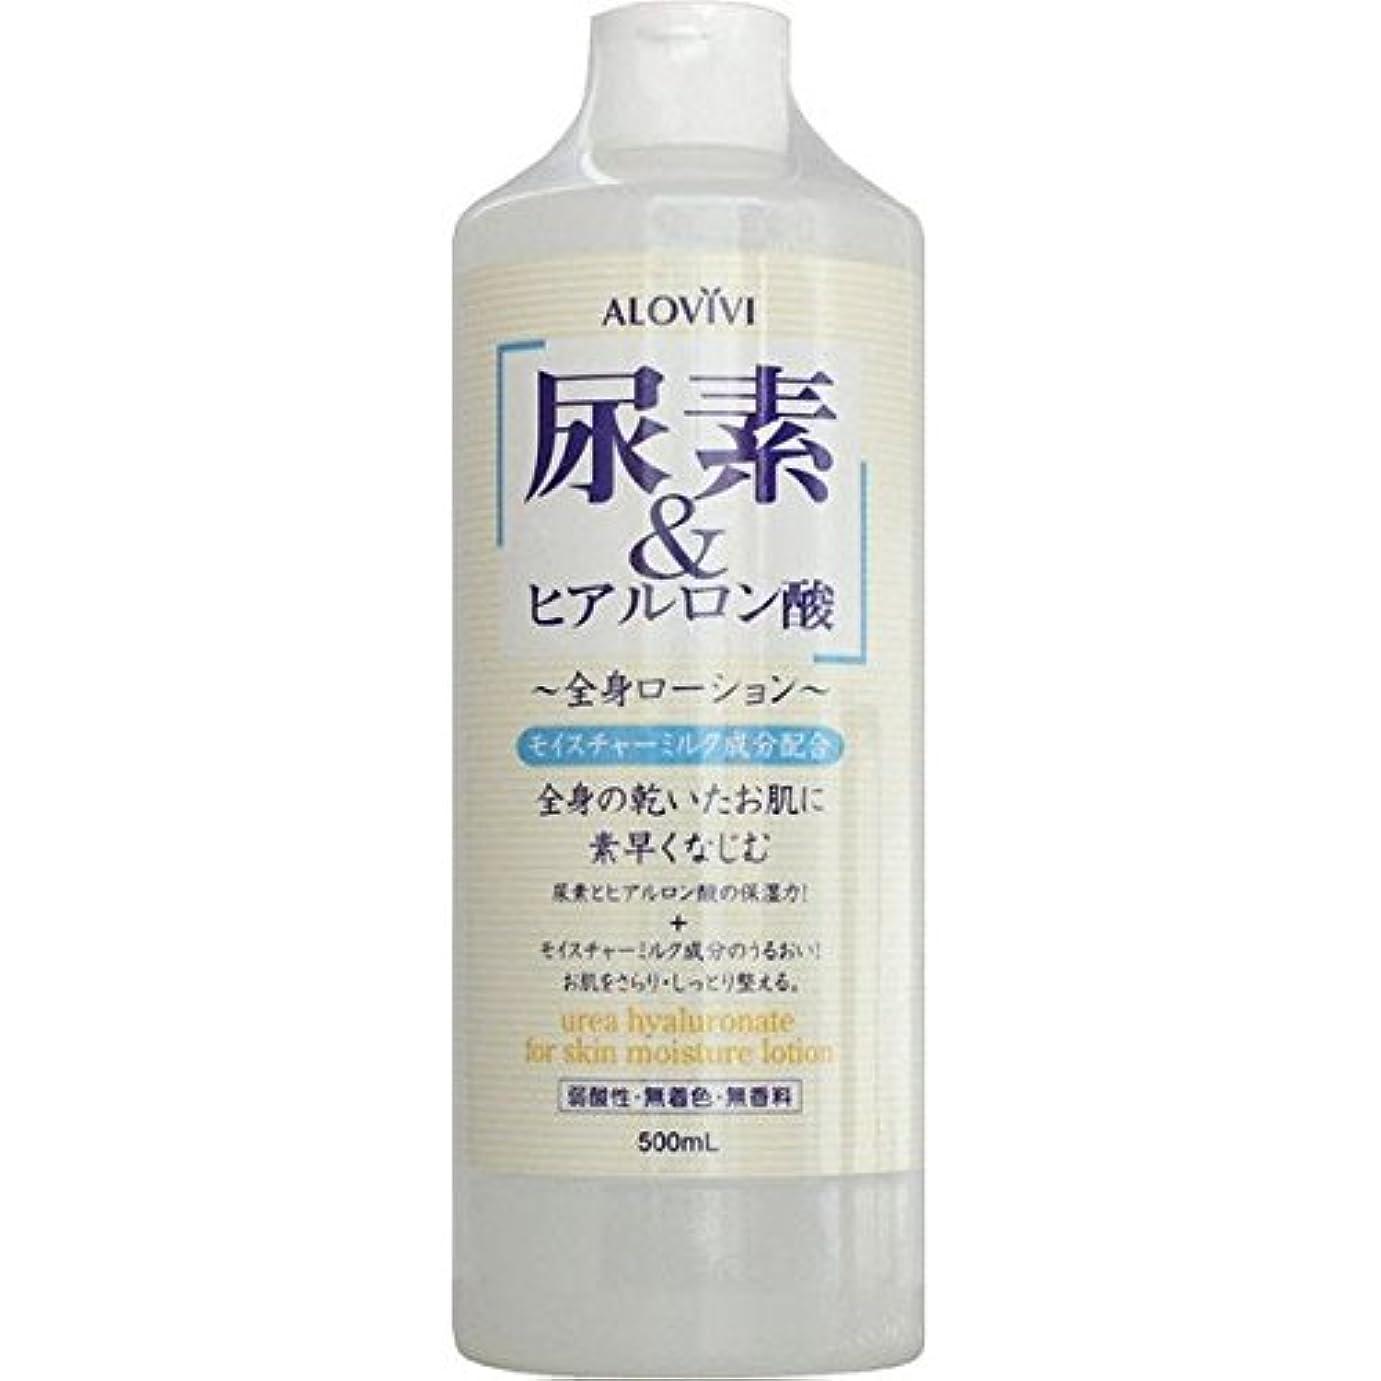 有彩色の水を飲むニュースアロヴィヴィ ALOVIVI 尿素&ヒアルロン酸全身ローション 500ml